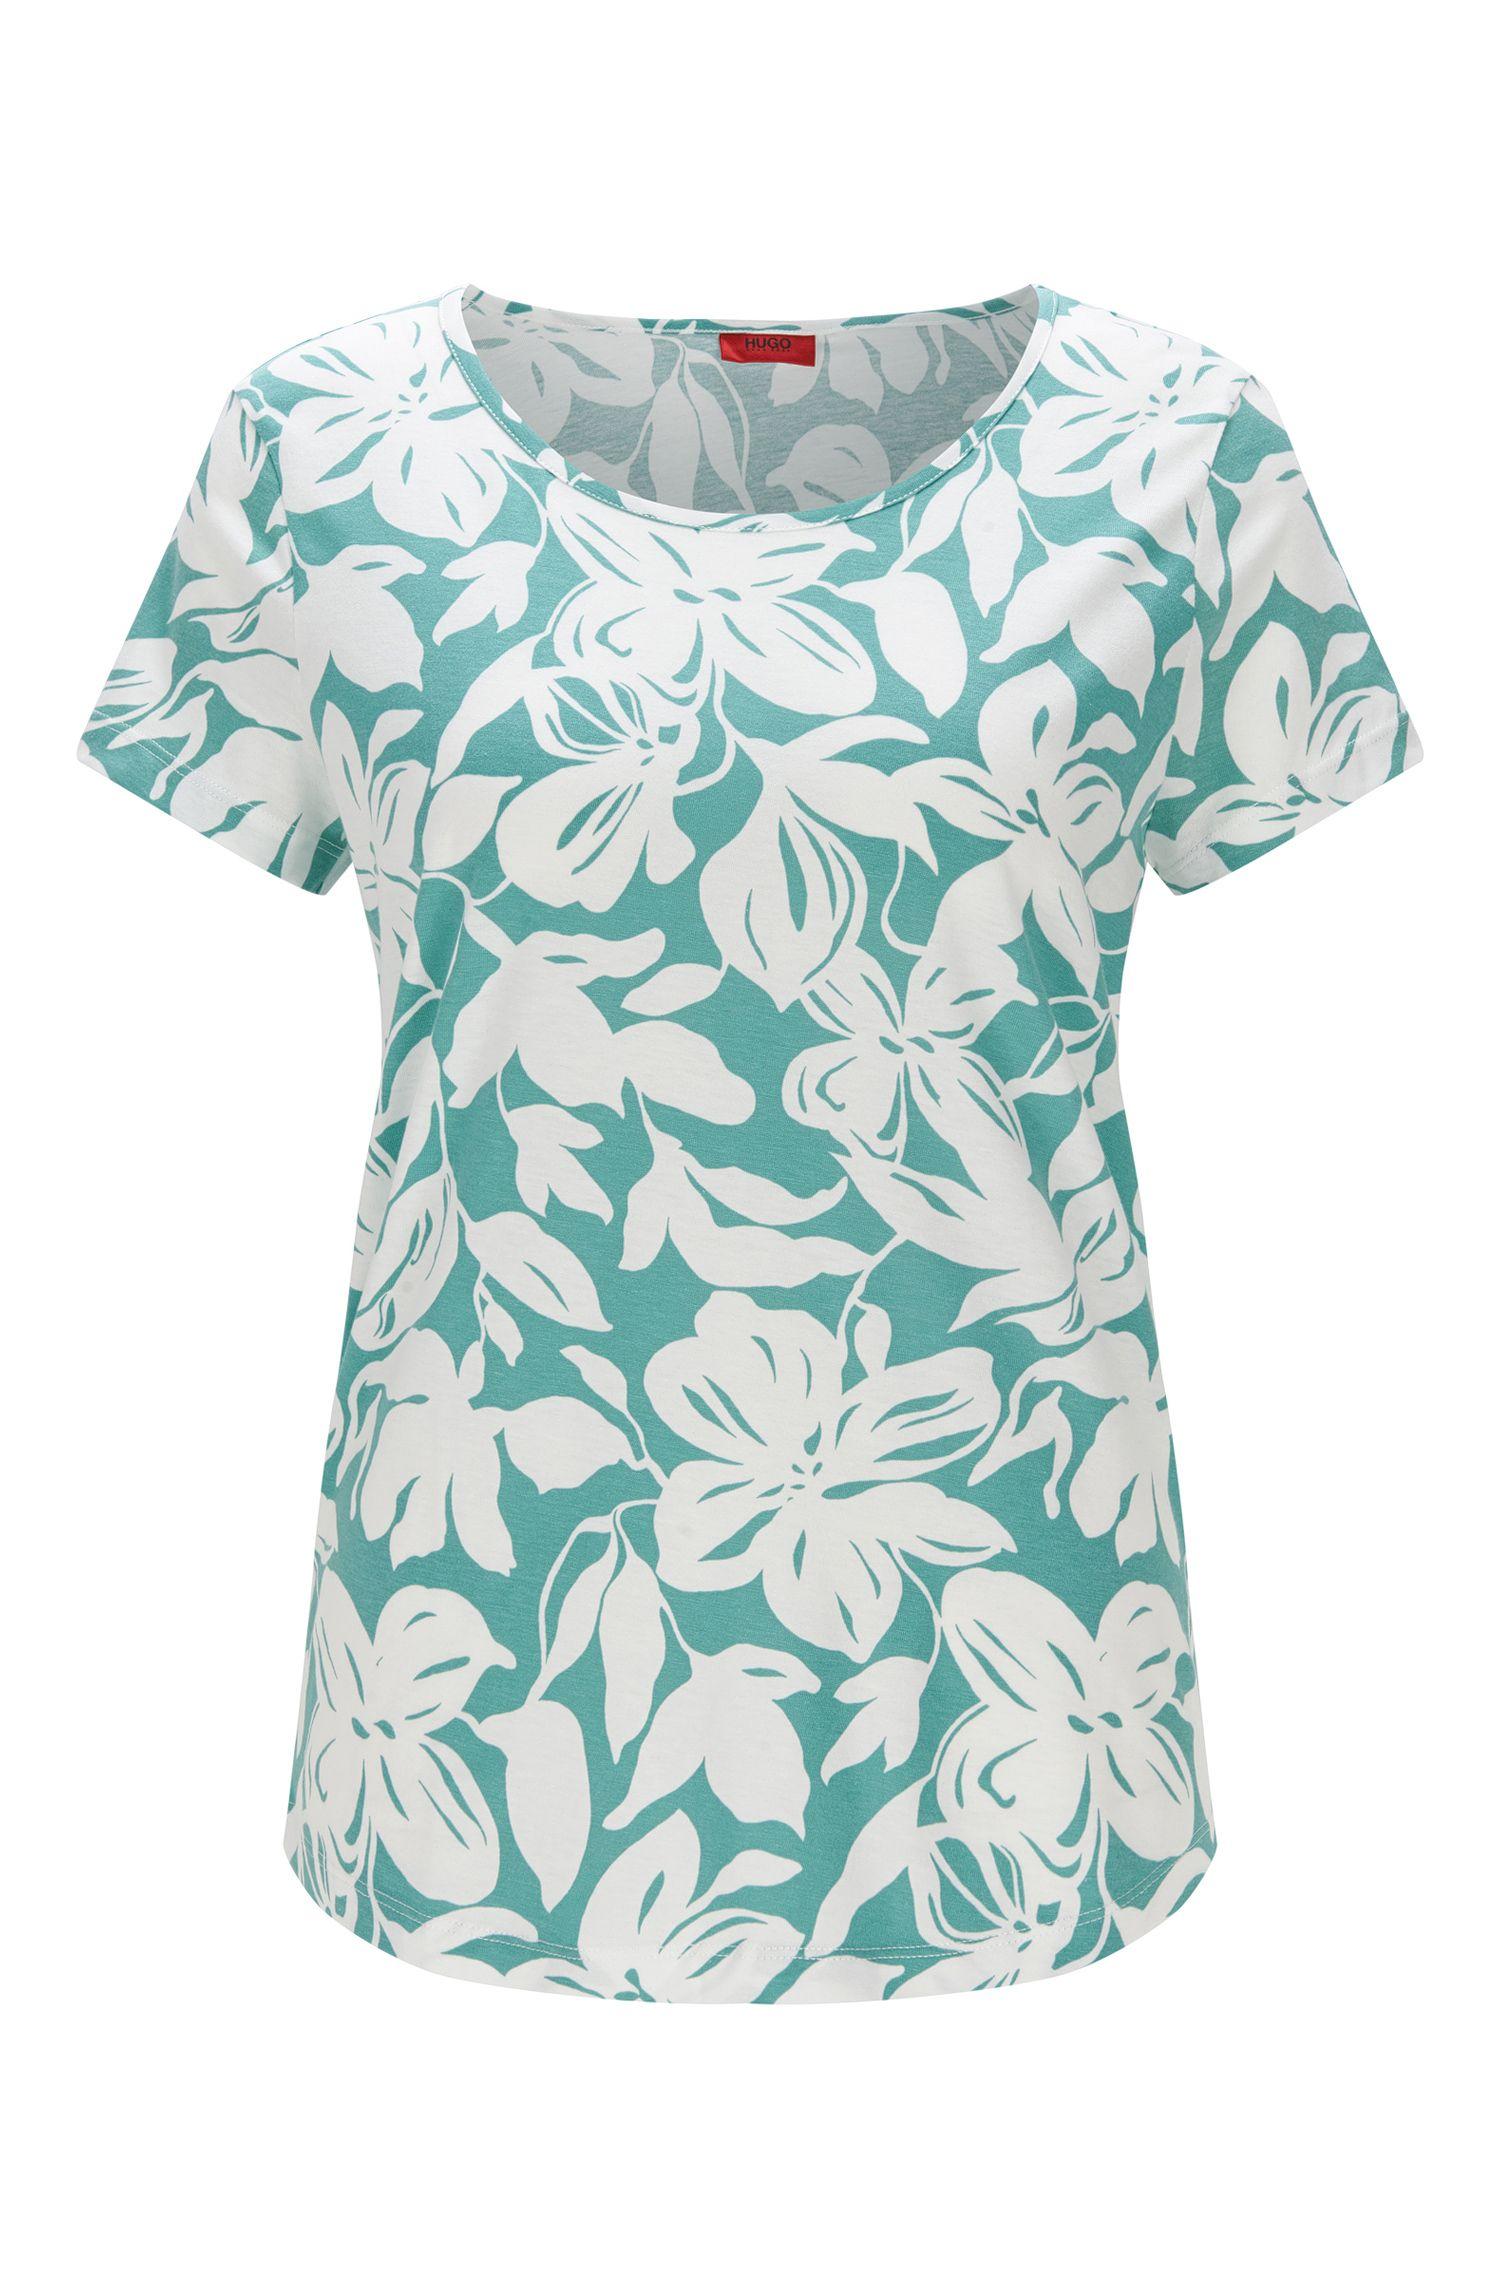 'Divenis' | Stretch Modal Floral T-Shirt